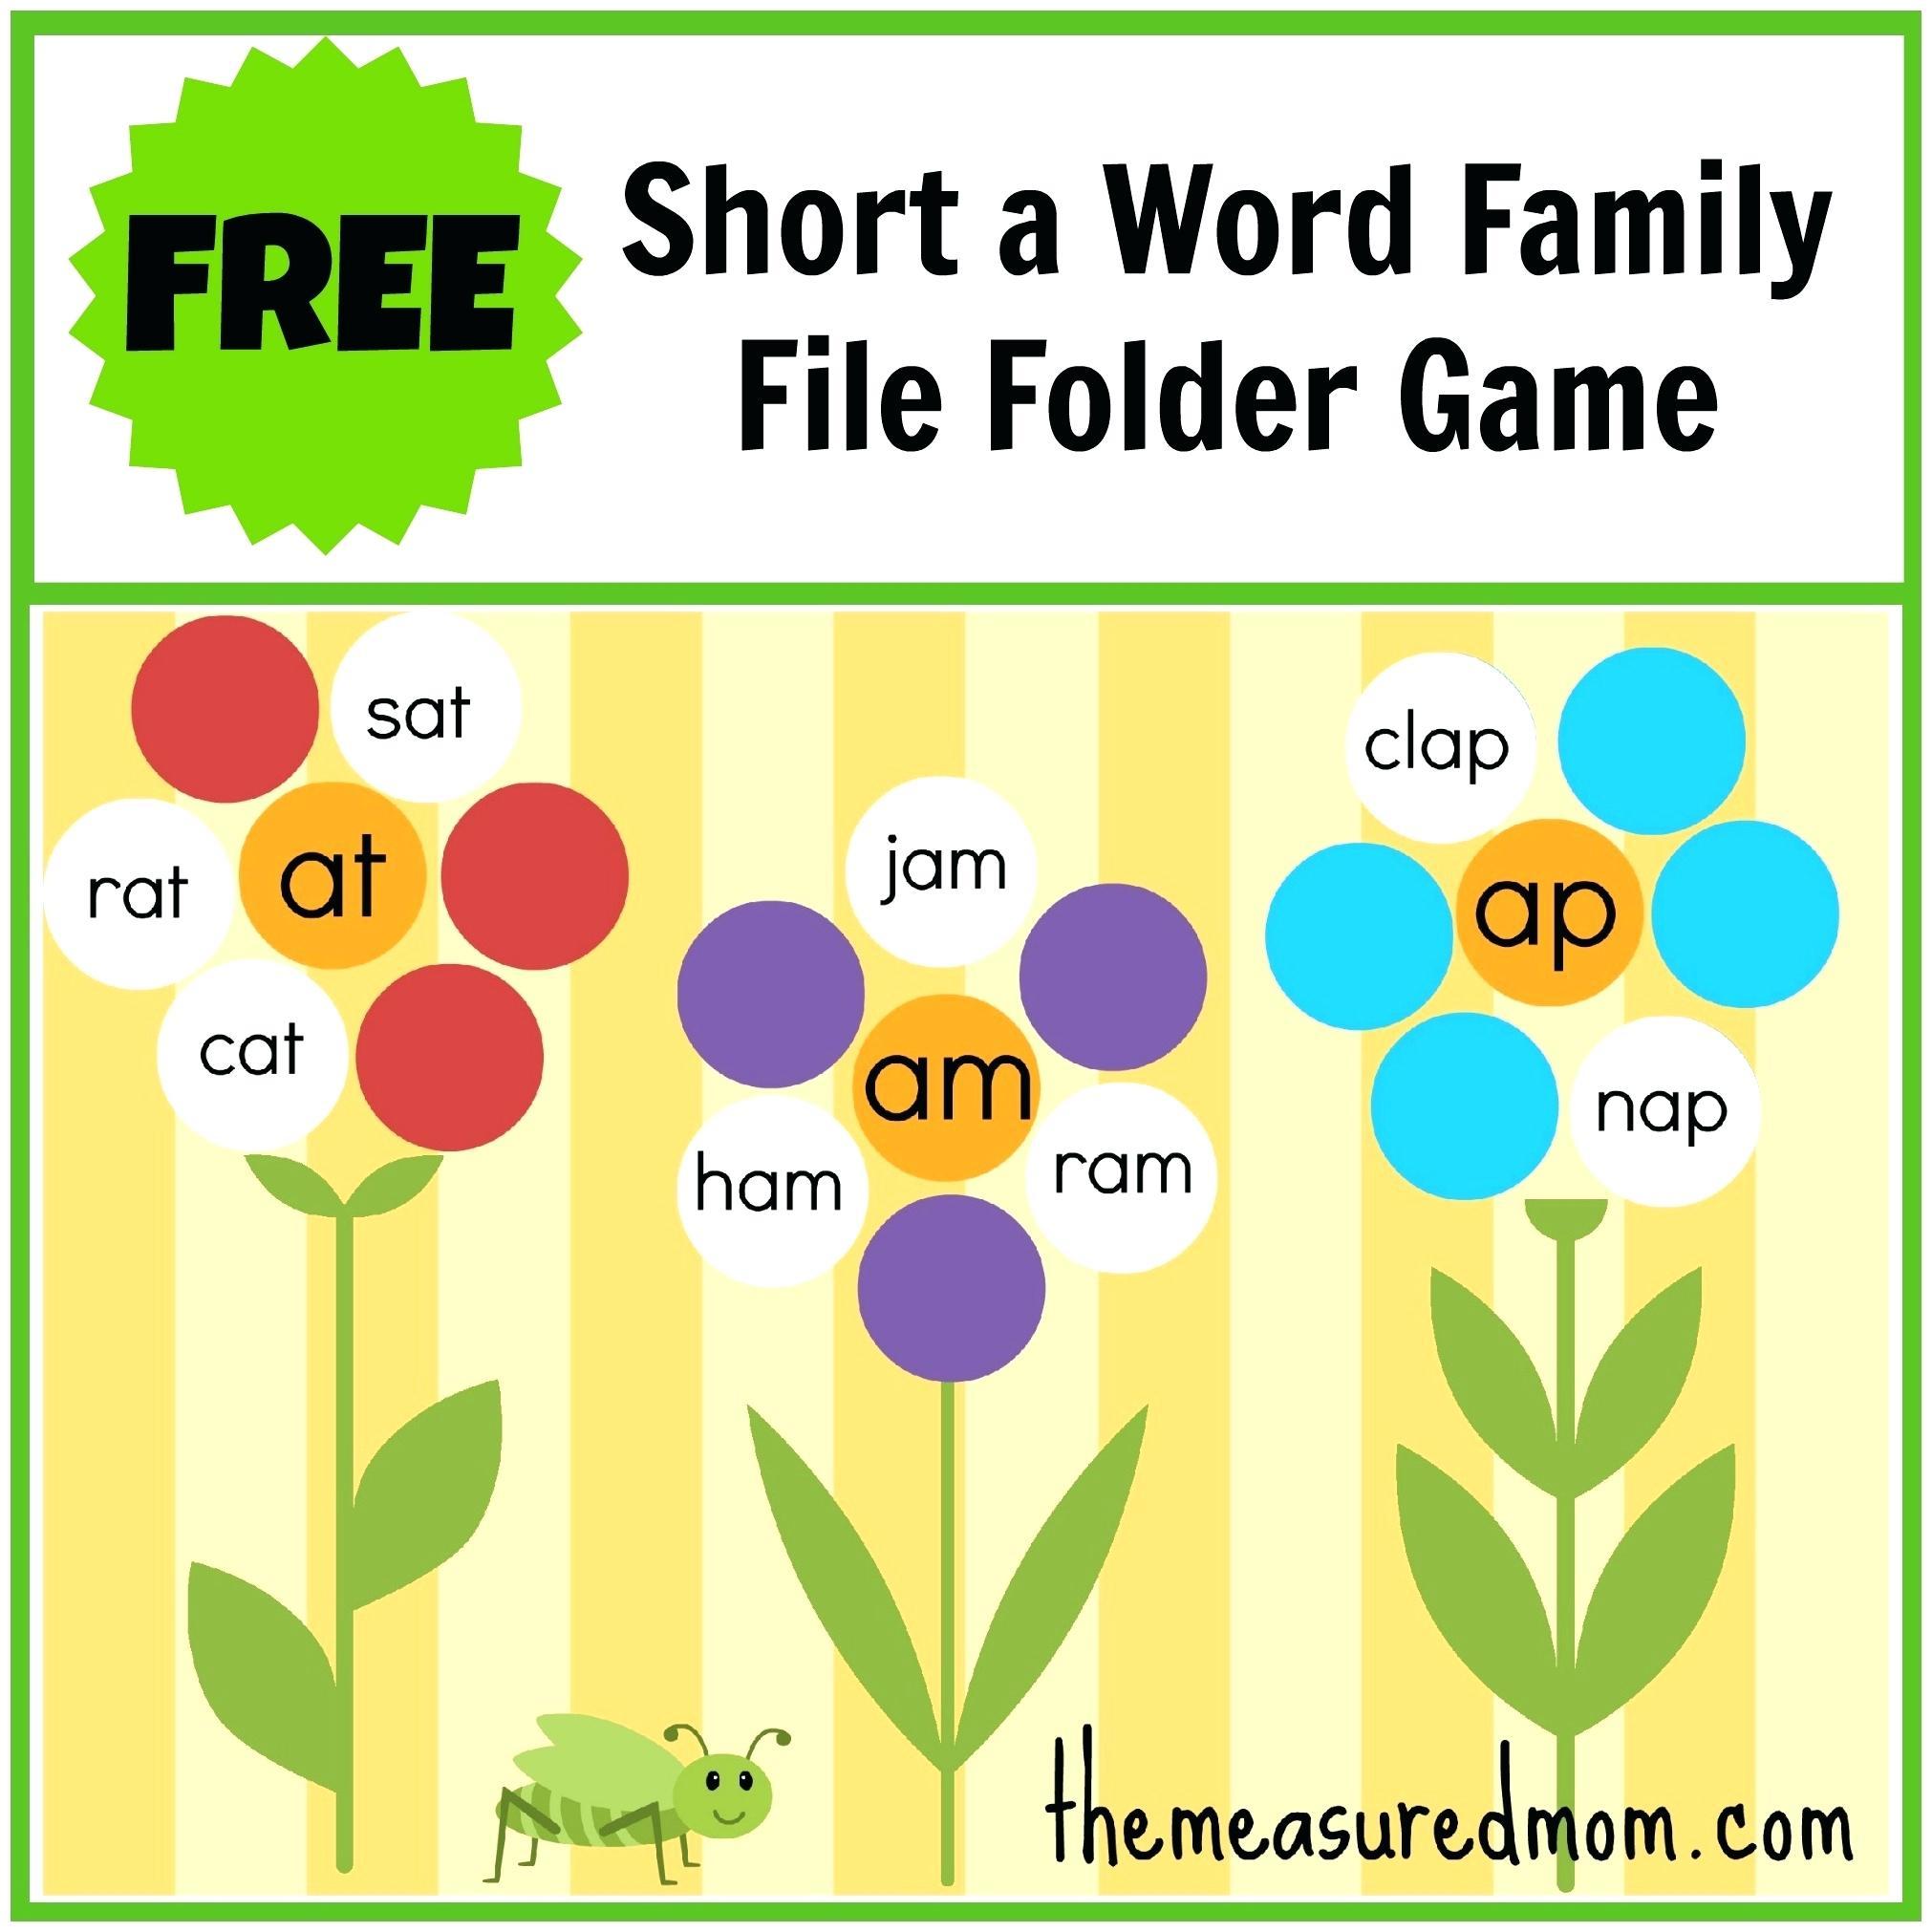 Printable Word Family Lists Printable Word Families List Family Free - Free Printable Word Family Mini Books